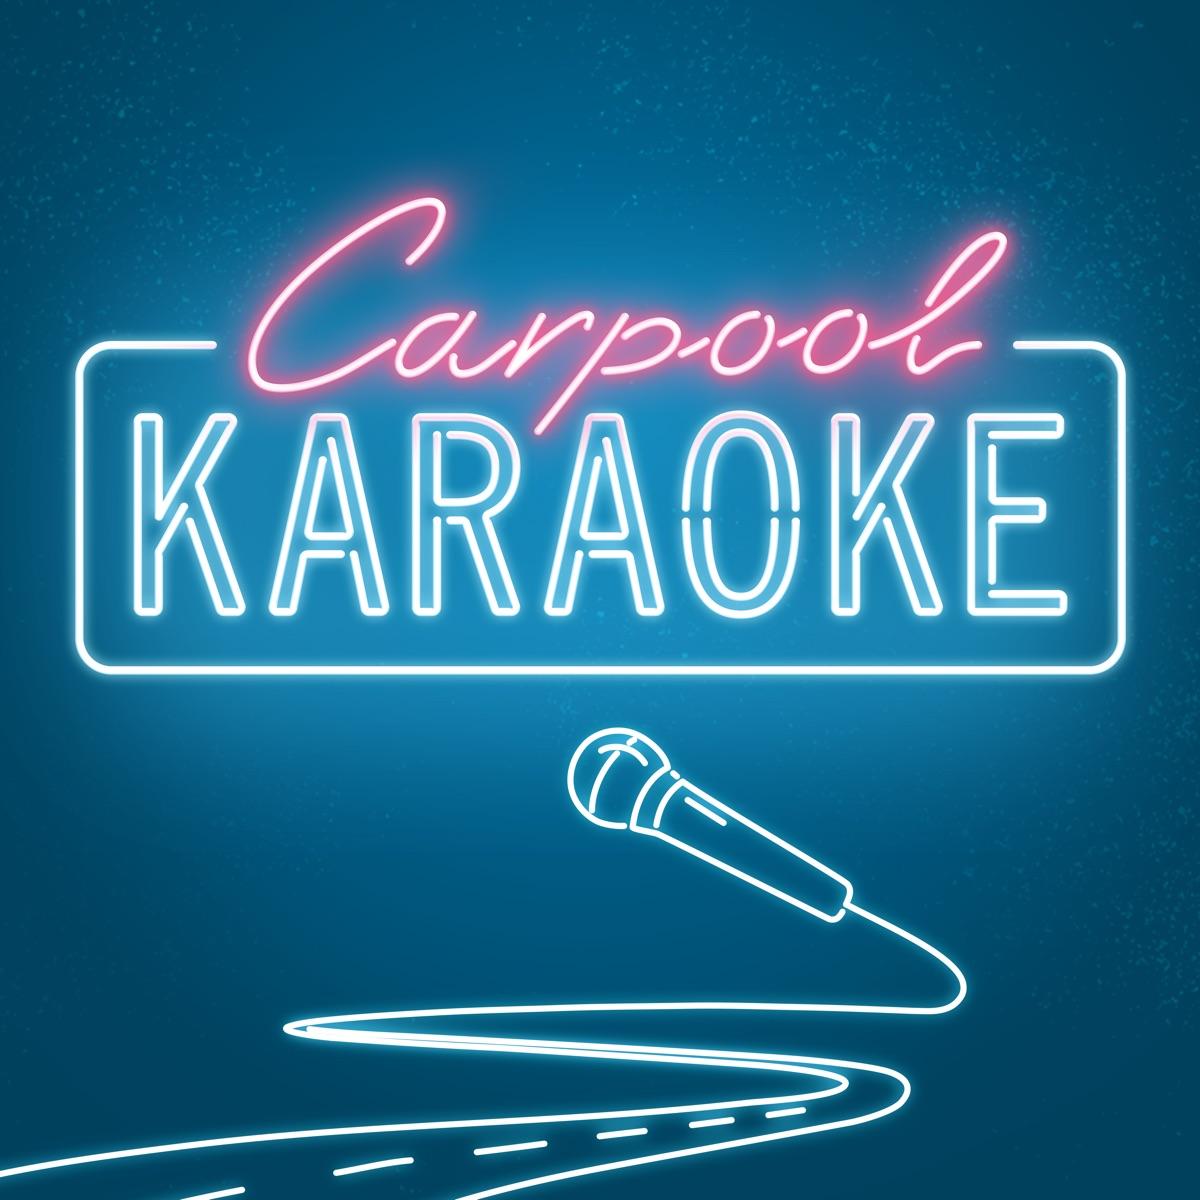 Carpool Karaoke Explicit Carpool Karaoke CD cover